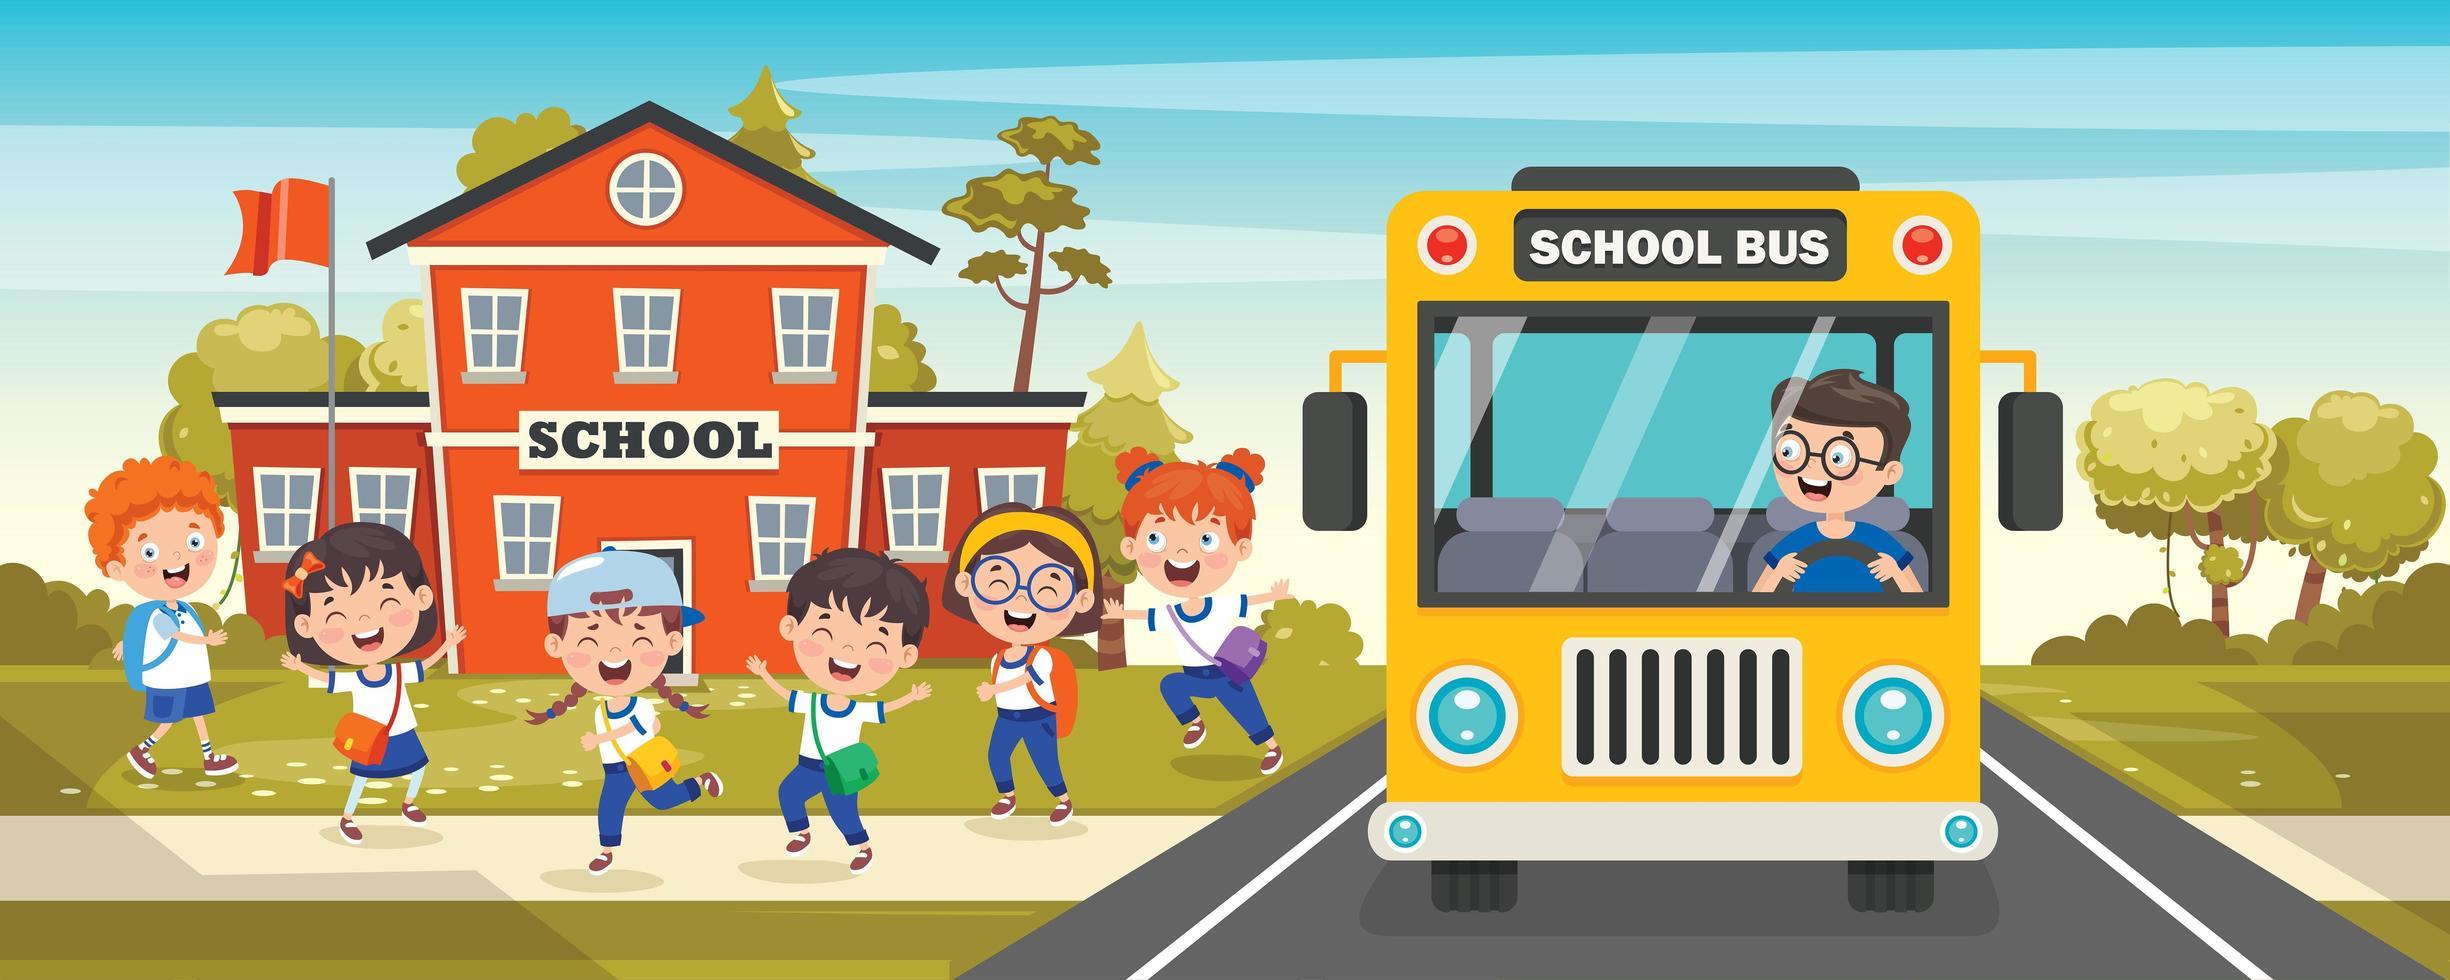 fronte dello scuolabus con uscita dei bambini della scuola vettore